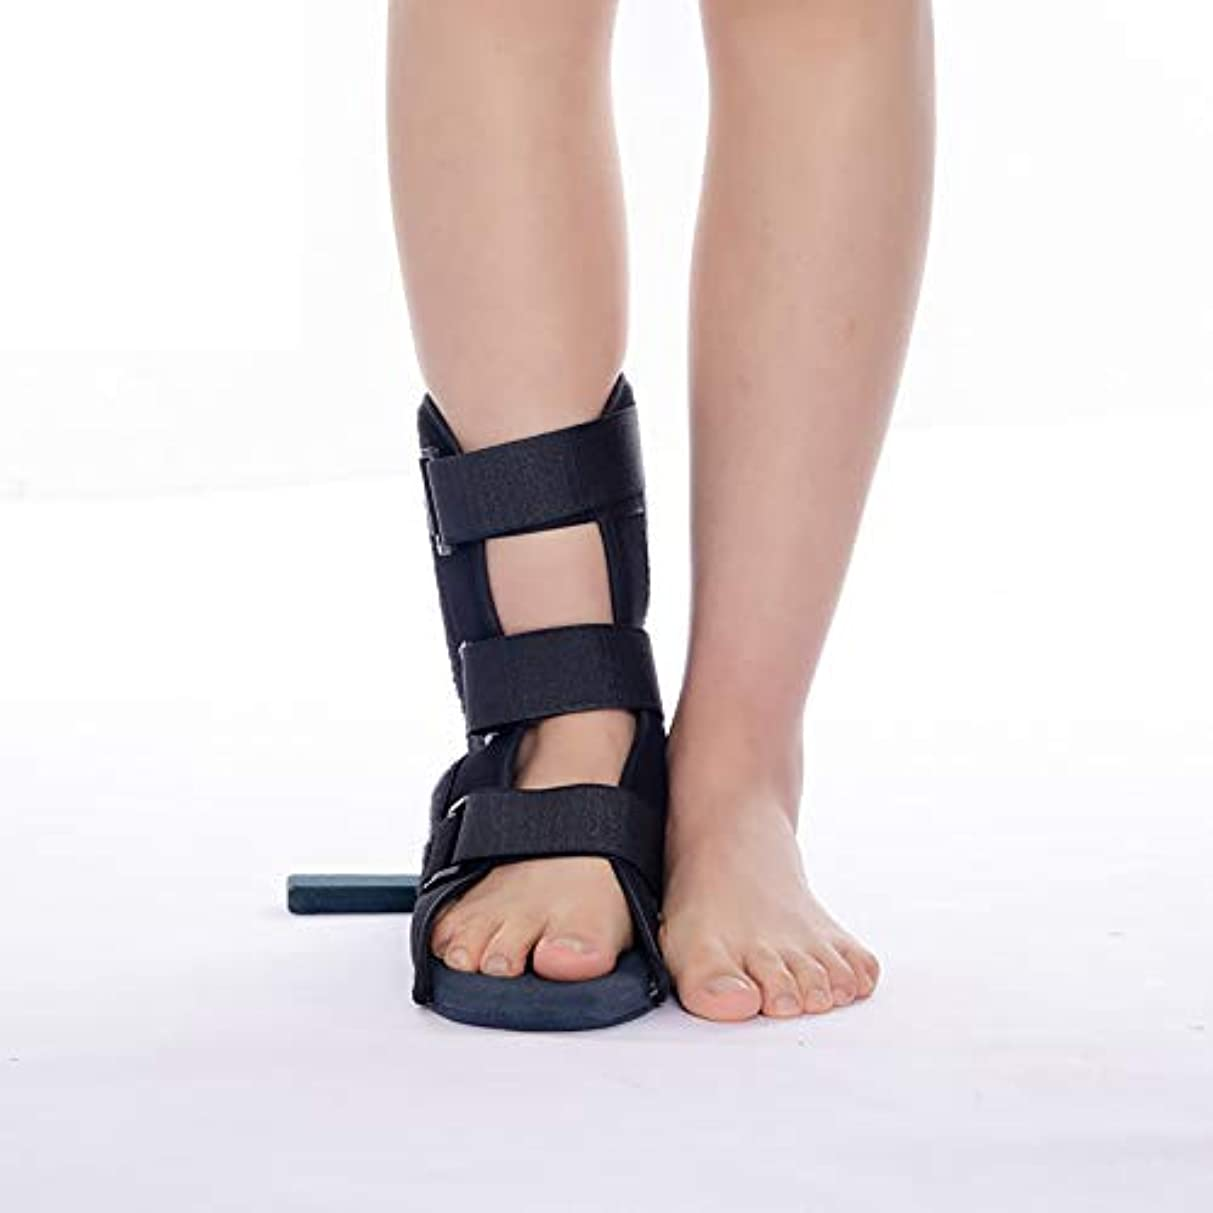 キュービック不適当動員する足固定整形外科用靴足ブレースサポート回転防止足首捻挫スタビライザーブーツ用足首関節捻挫骨折リハビリテーション